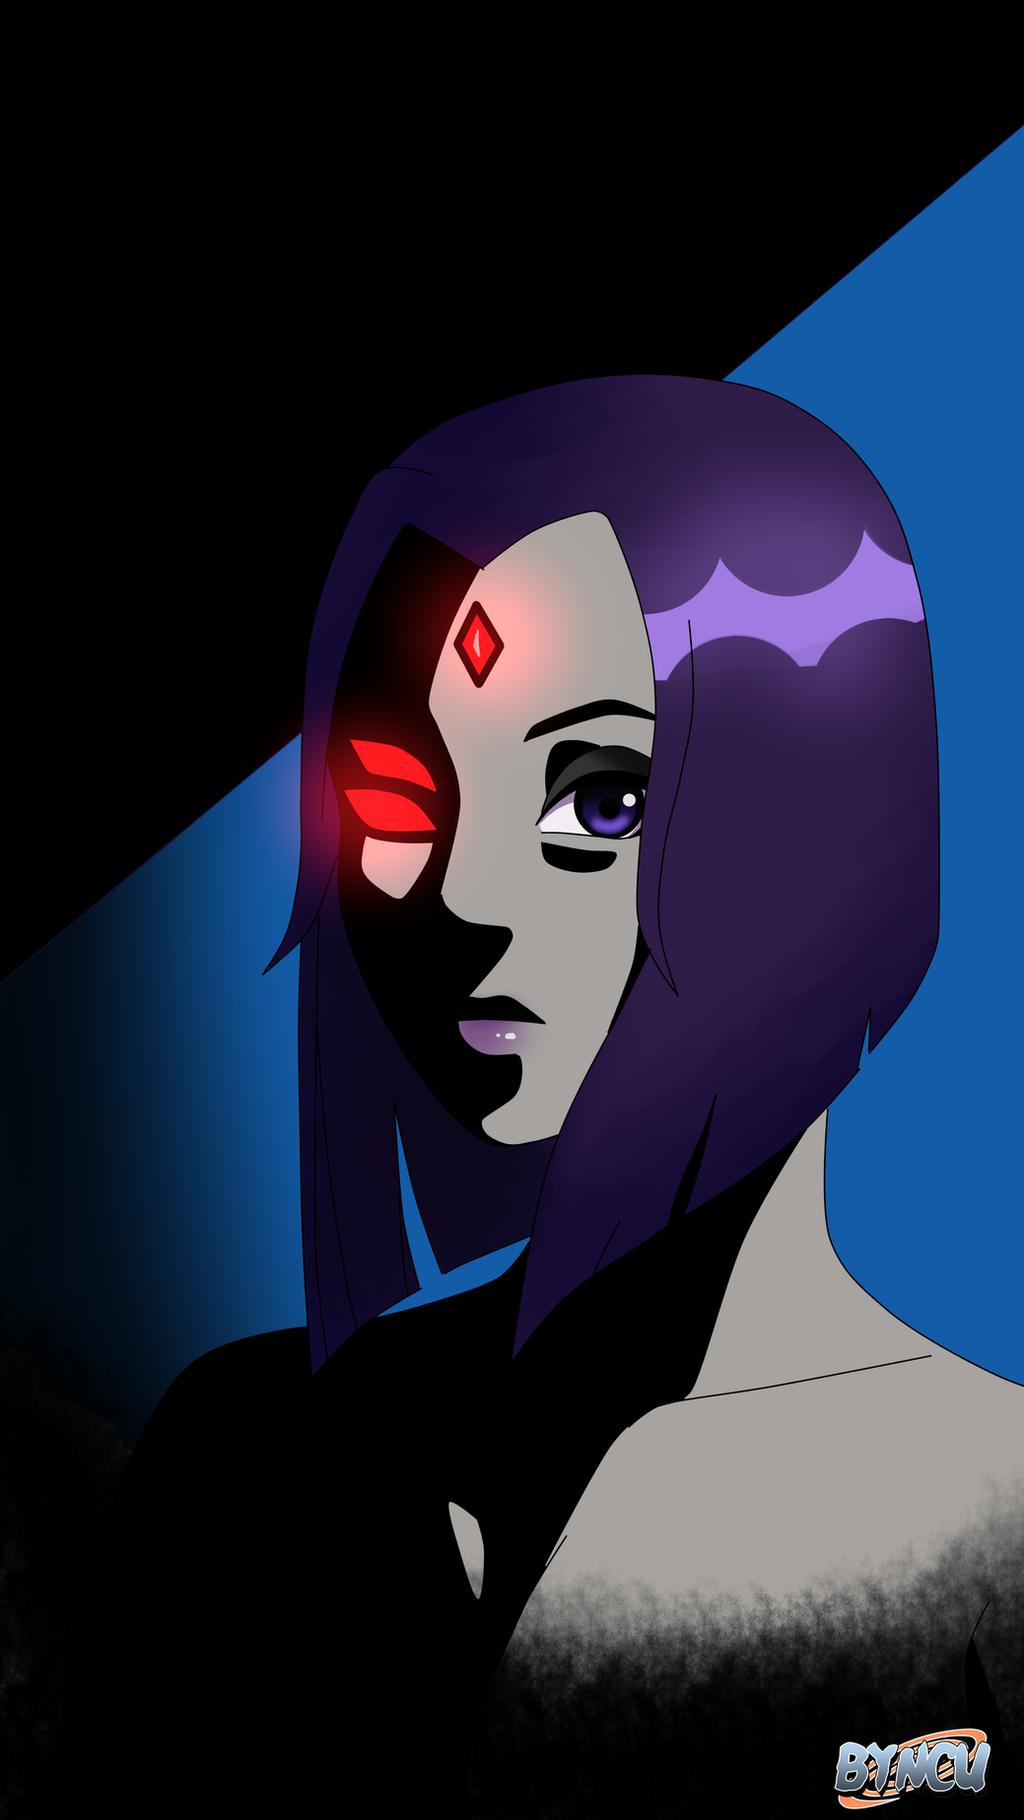 Raven Teen Titans Fan Art By Byncu-Uzumaki On Deviantart-9710